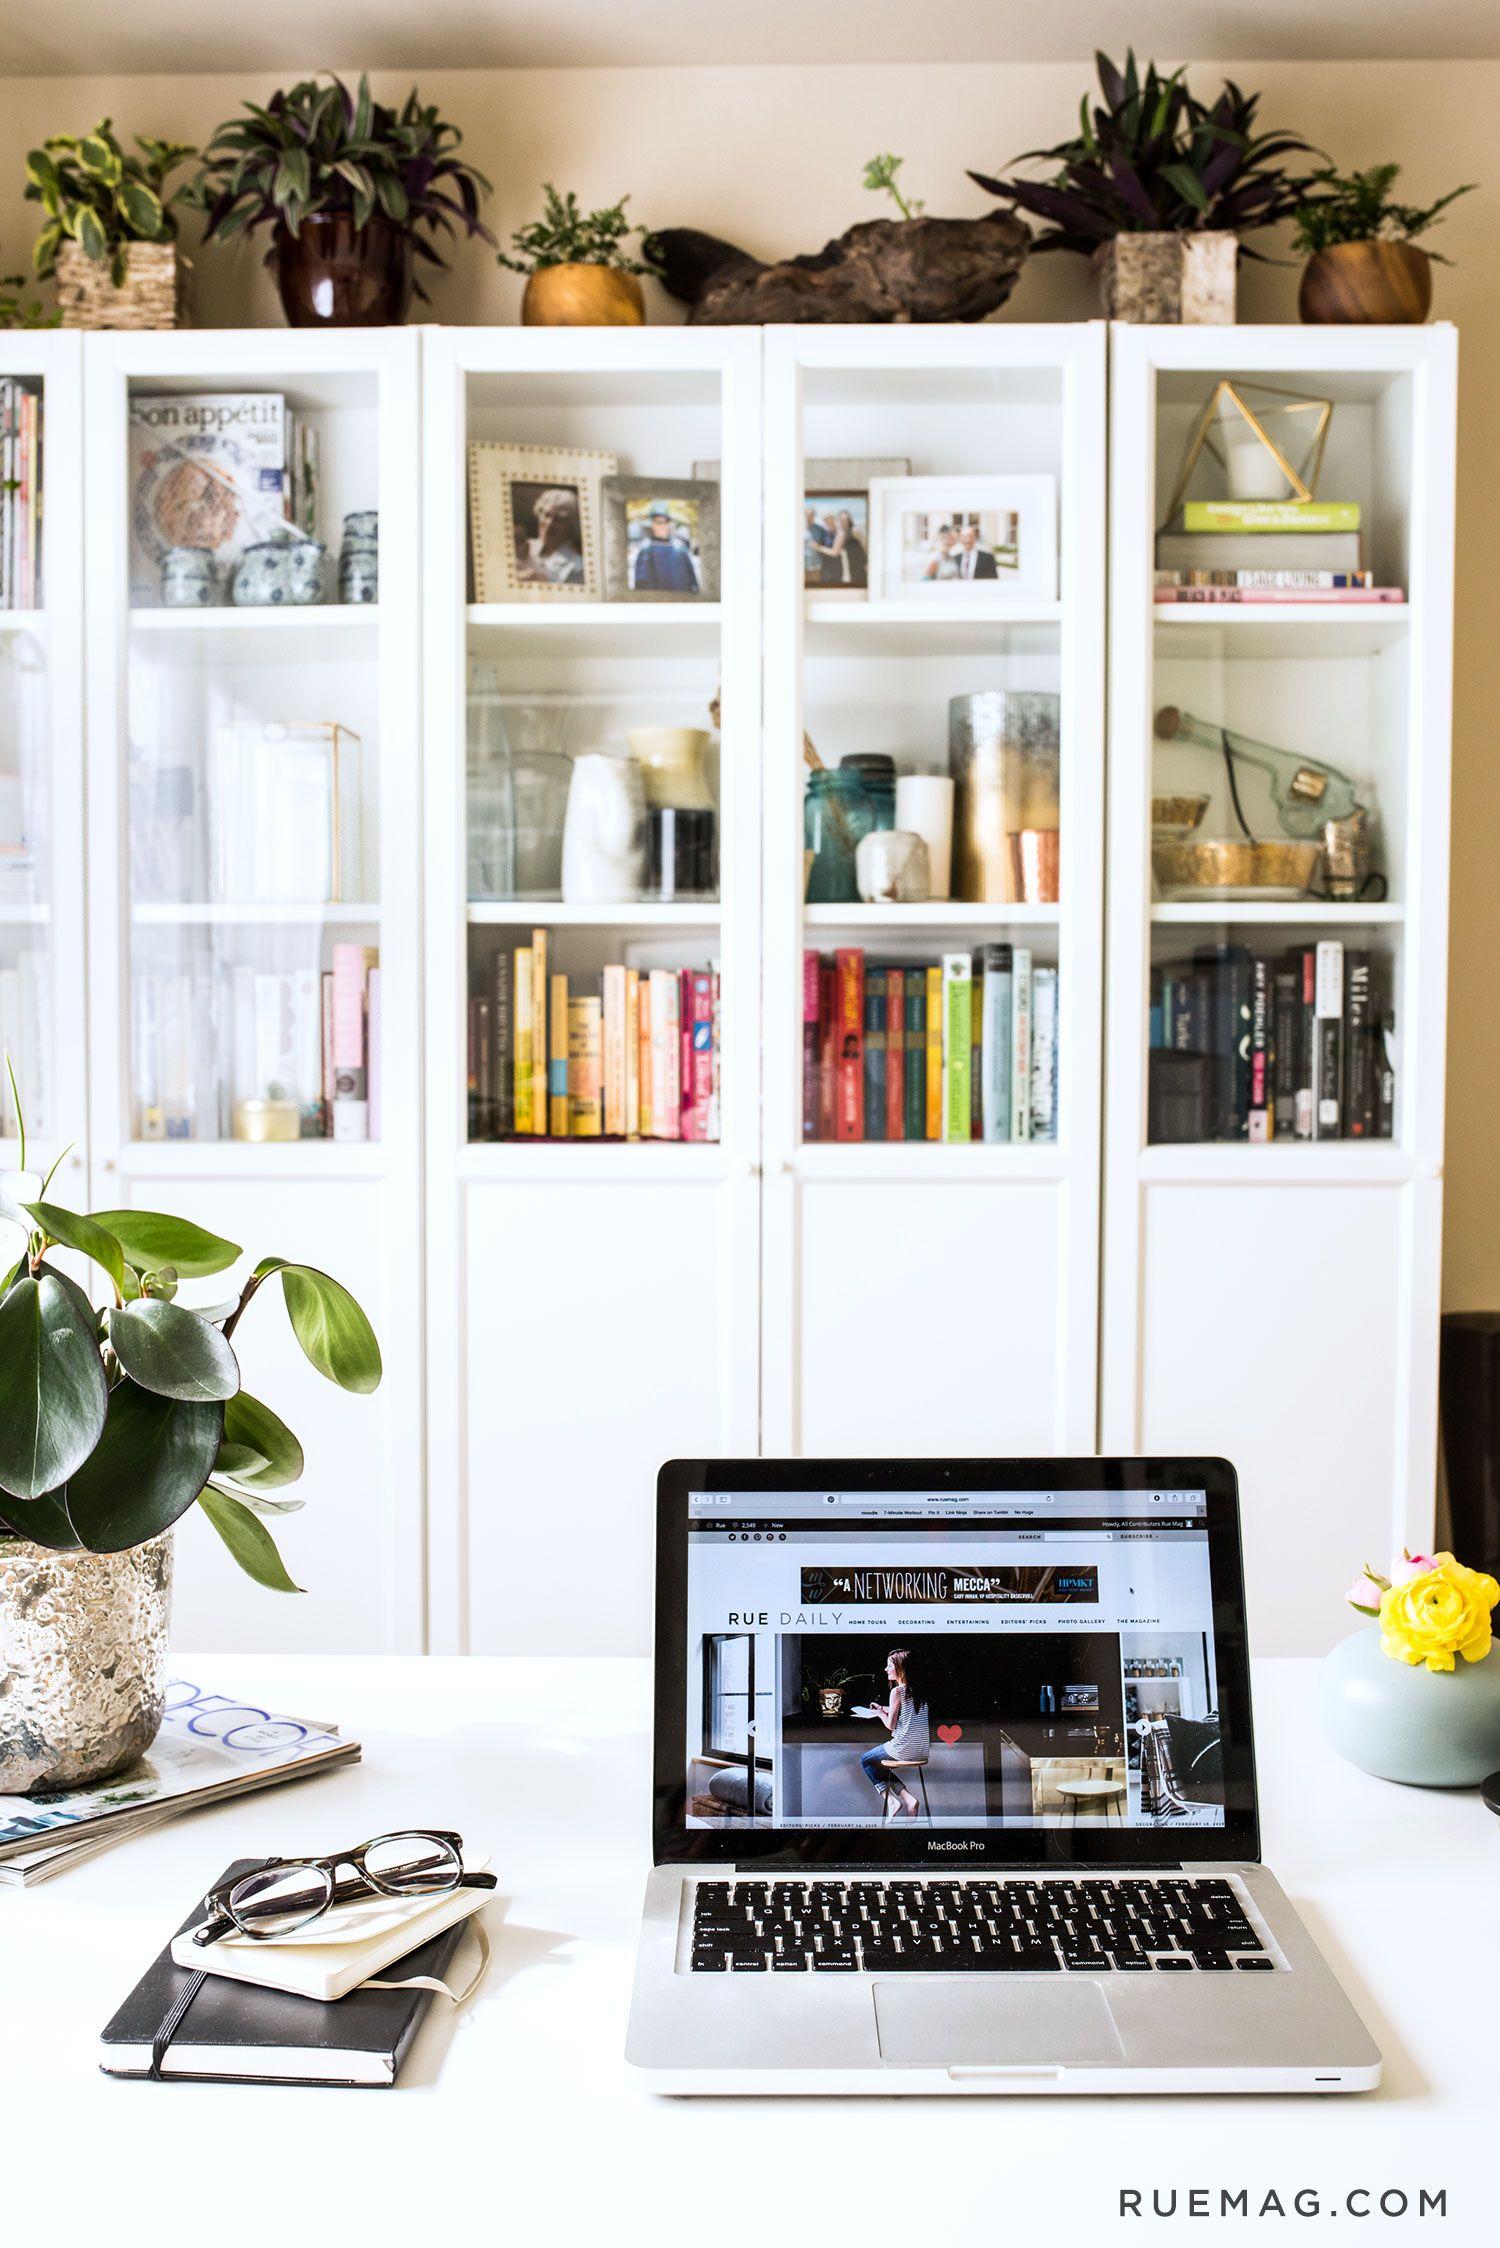 Kat Mceacherns Home Office In A Rental - Rue